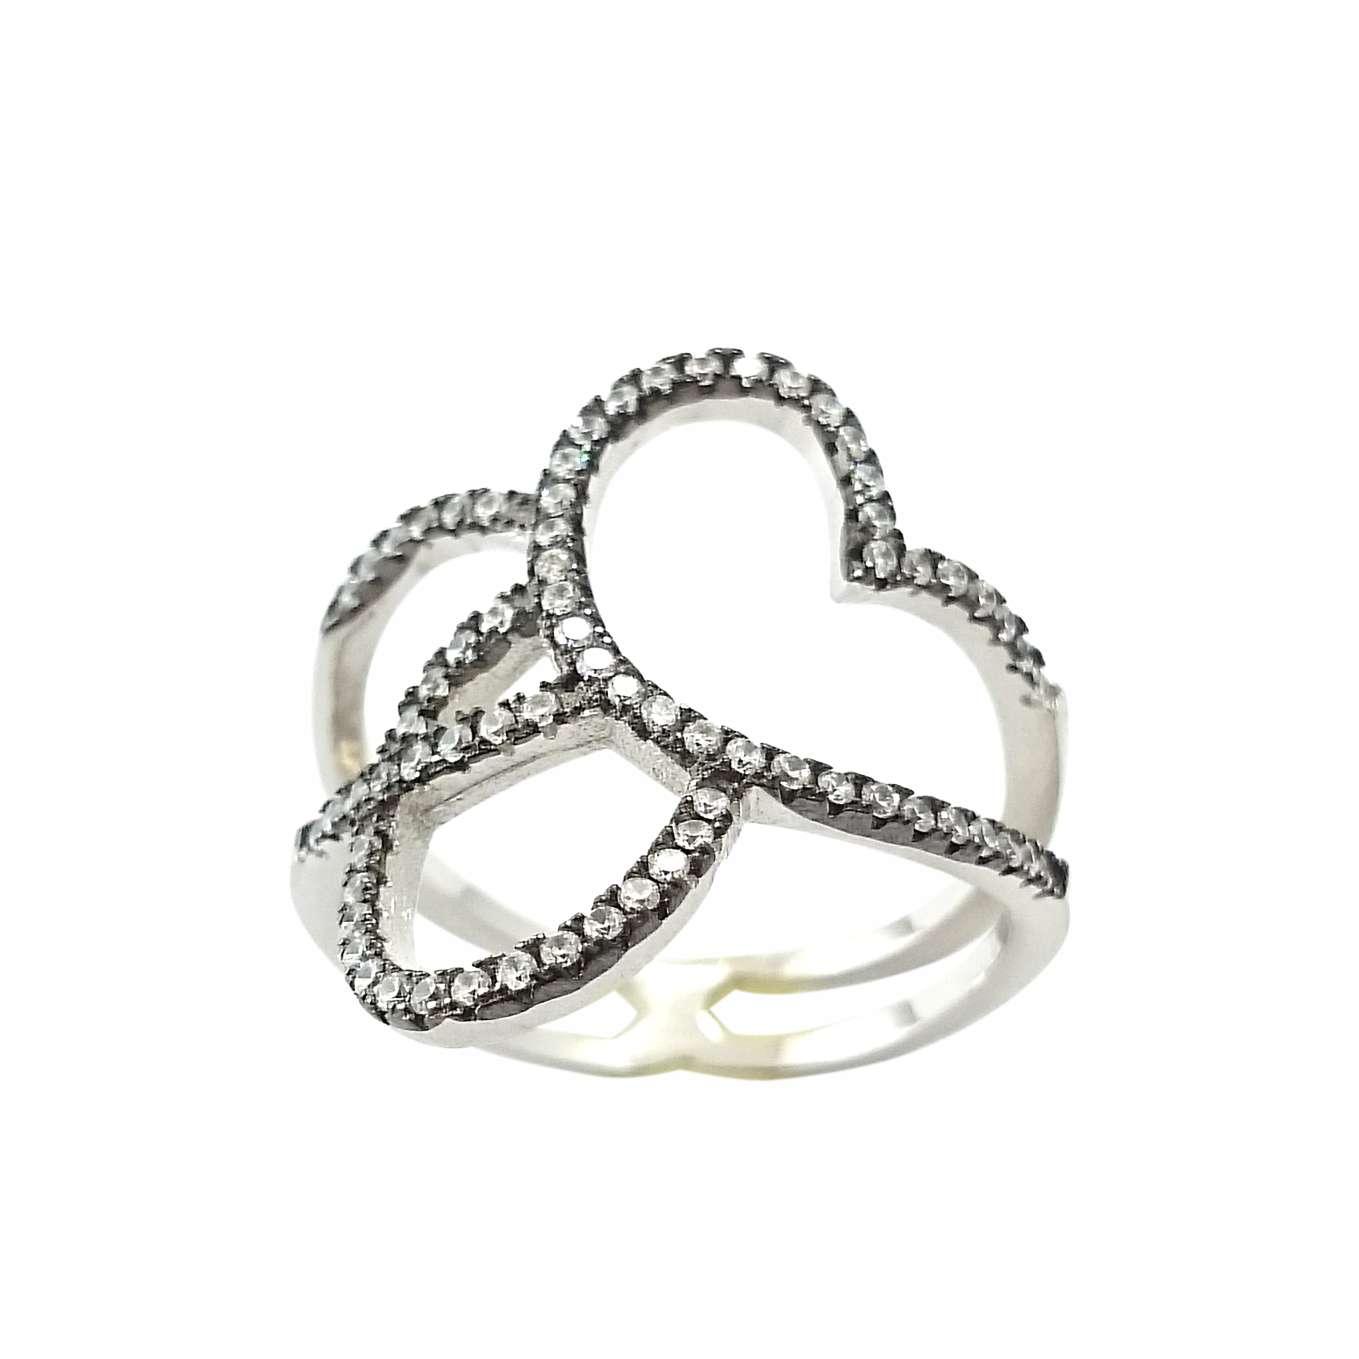 Δαχτυλίδι Ασημένιο Επιπλατινωμένο Με Λευκά Ζιργκόν ΔΟ20514 240fc1bbd05